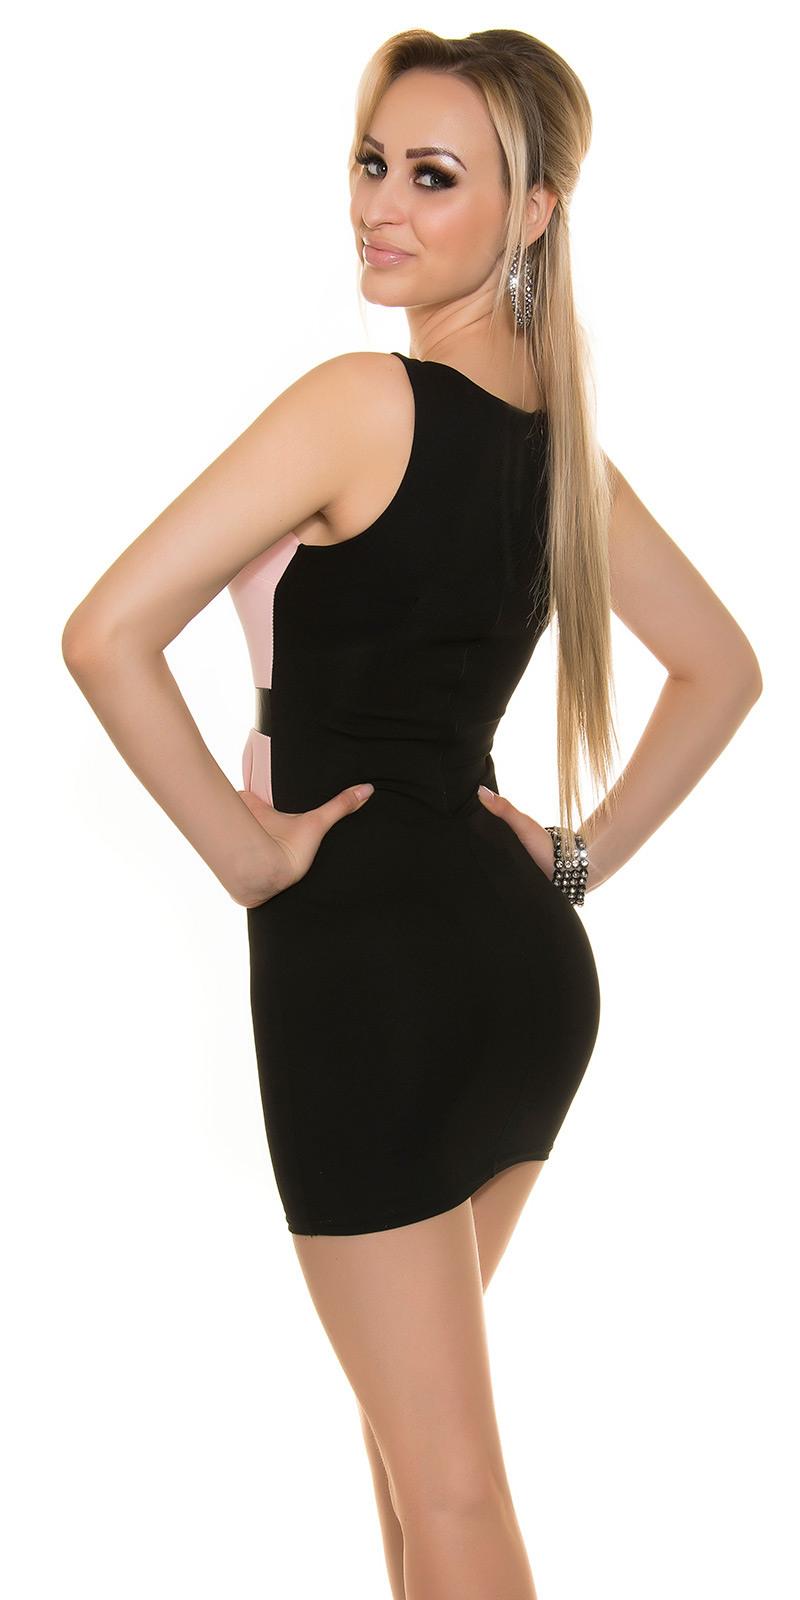 13 Cool Mini Abend Kleid Design15 Ausgezeichnet Mini Abend Kleid Bester Preis